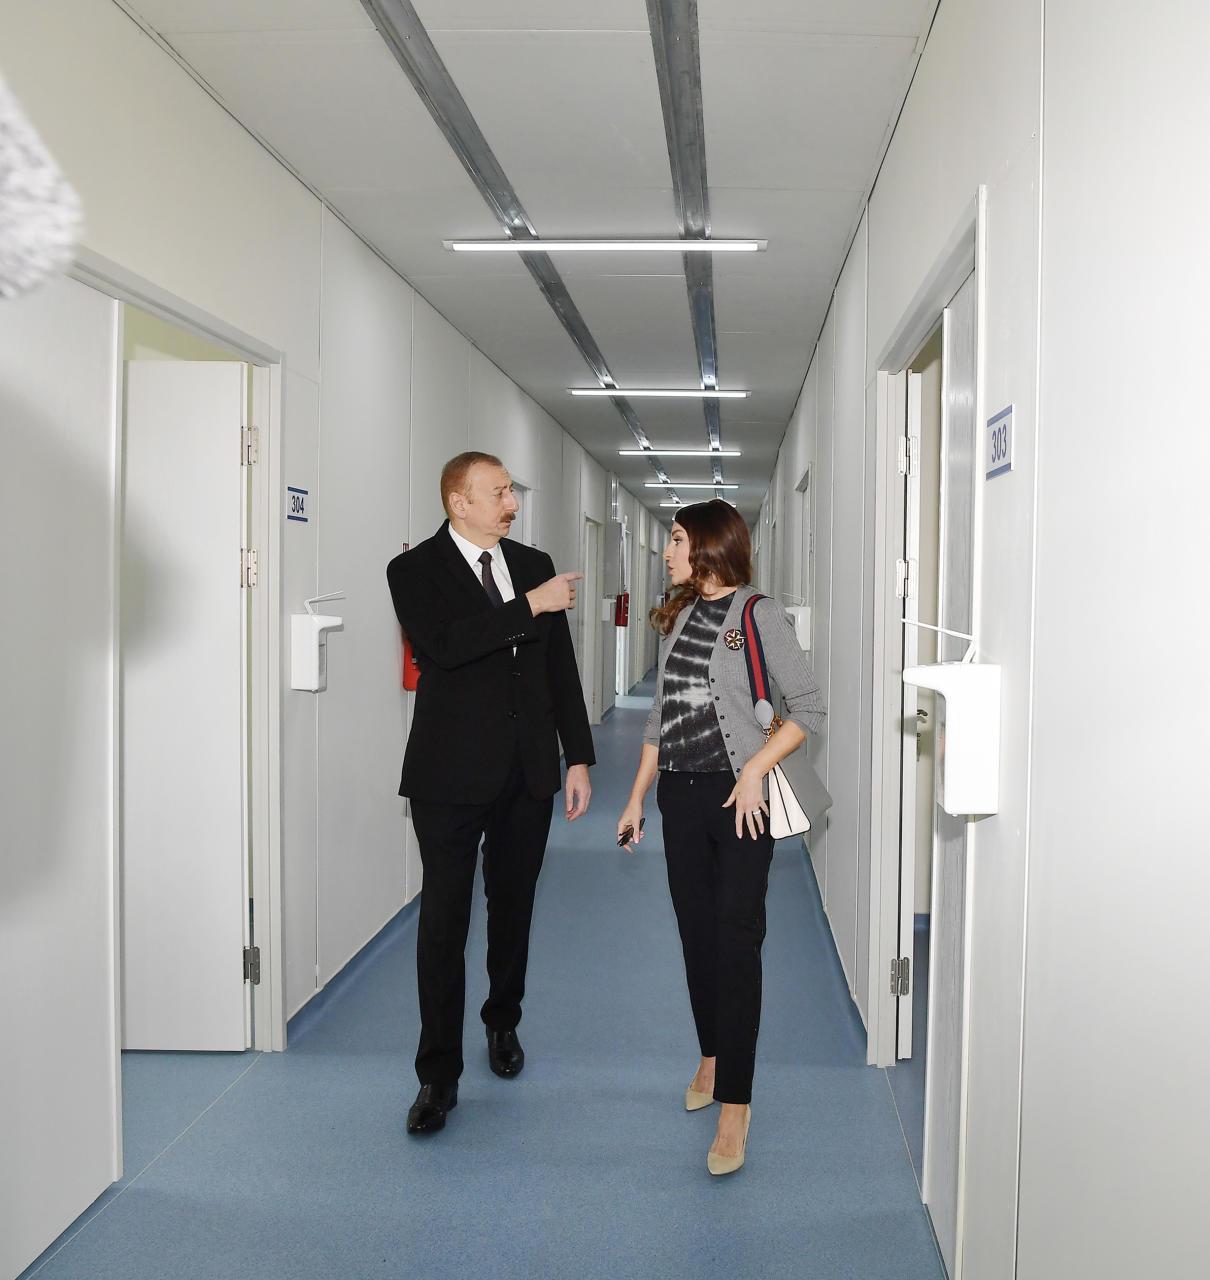 Prezident İlham Əliyev və birinci xanım Mehriban Əliyeva Bakıda modul tipli ilk xəstəxana kompleksinin açılışında iştirak ediblər